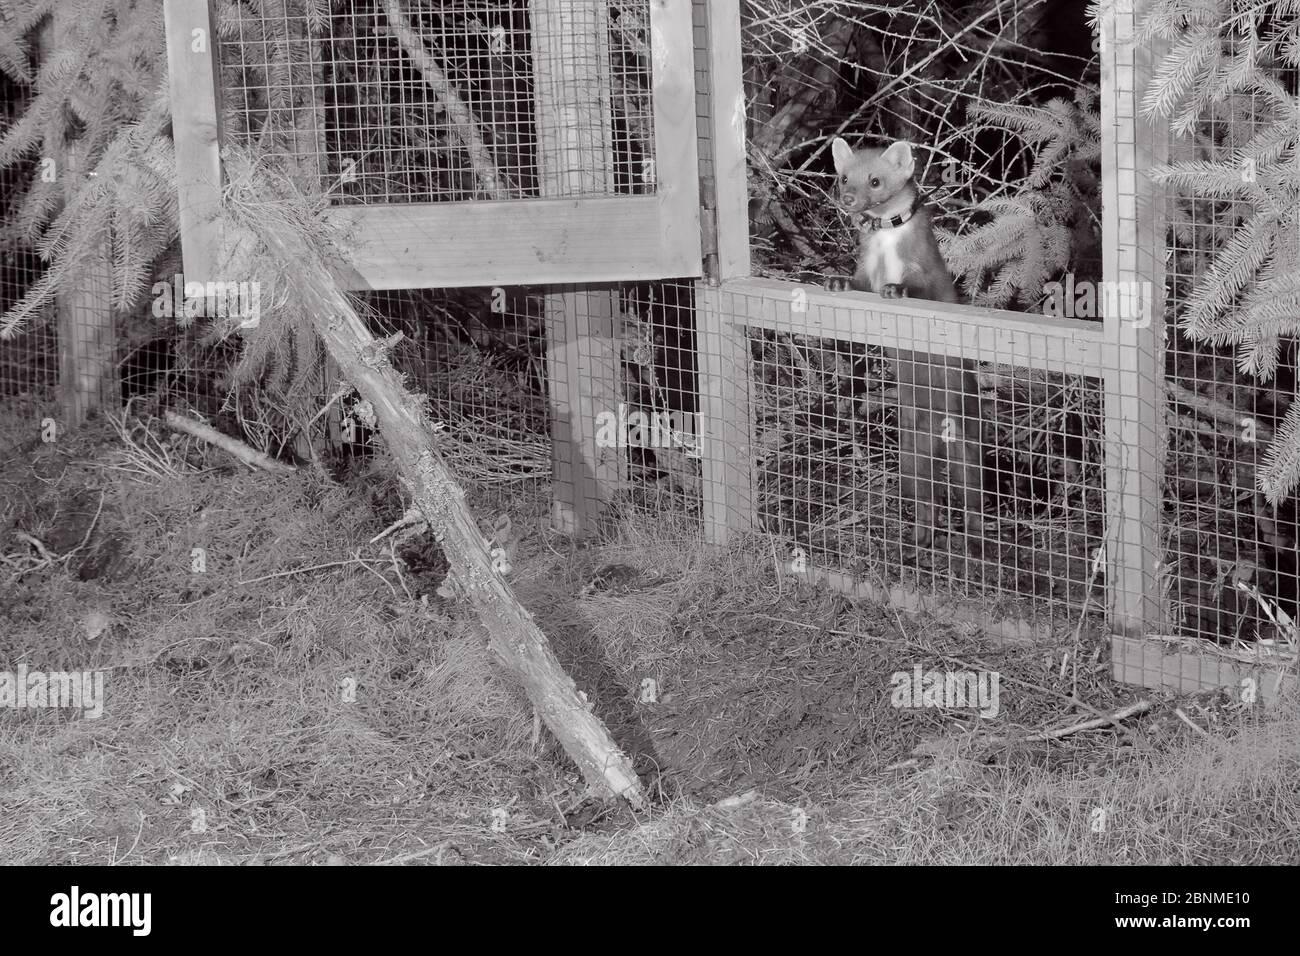 Radio-Kragen Männchen Kiefer Marder (Martes martes) Vorbereitung, aus einem temporären weichen Release Käfig in der Nacht zu entstehen, während Wiedereinführung Projekt durch die Stockfoto